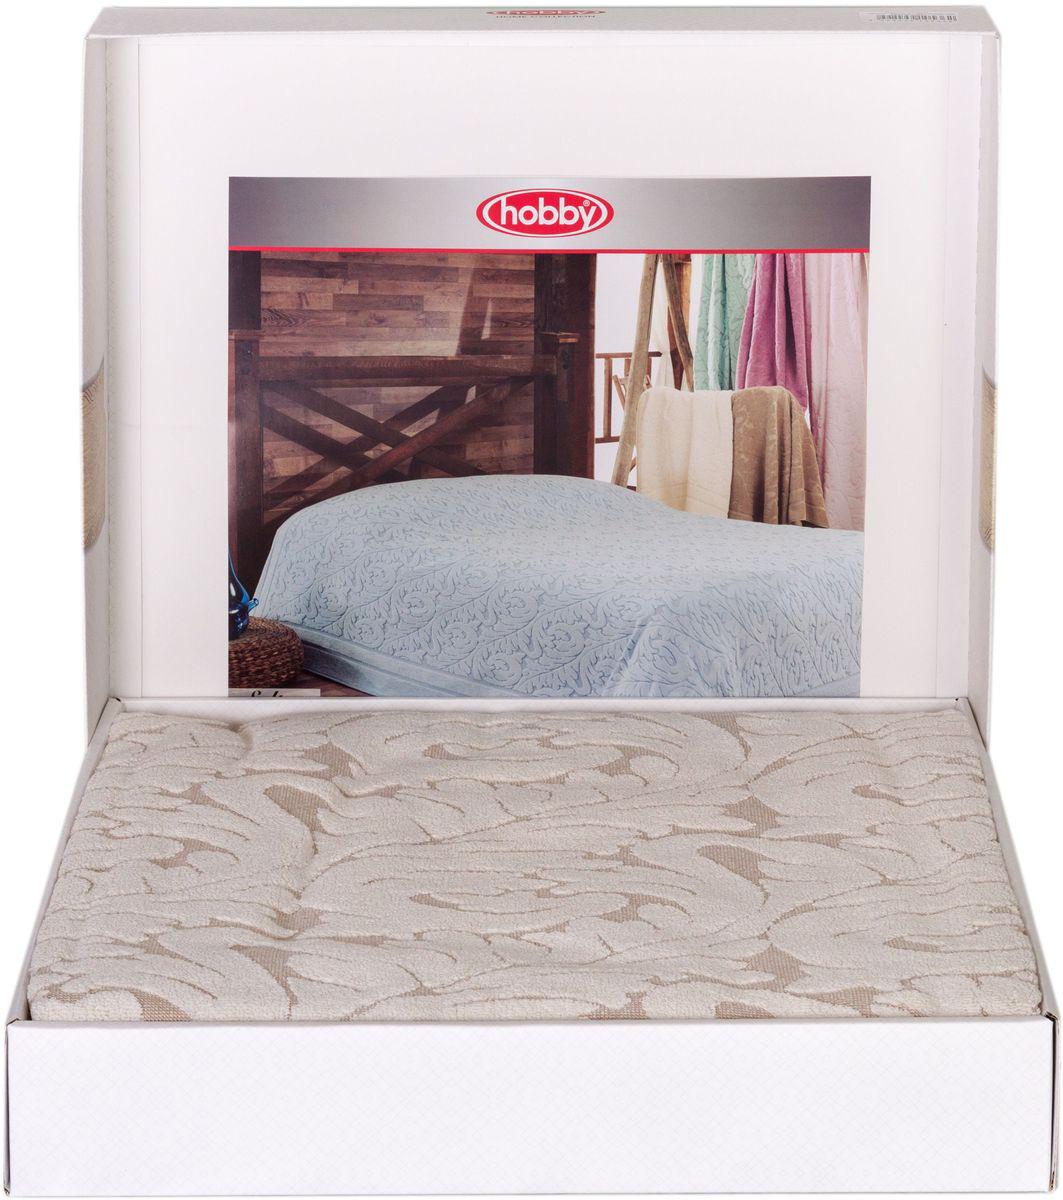 Покрывало Hobby Home Collection Sultan, цвет: кремовый, 160 х 200 см1501001003Шикарное покрывало Hobby Home Collection Sultan изготовлено из 100% хлопка высшей категории. Оно обладает замечательными дышащими свойствами и будет хорошо смотреться как на диване, так и на большой кровати. Данное покрывало можно также использовать в качестве одеяла.